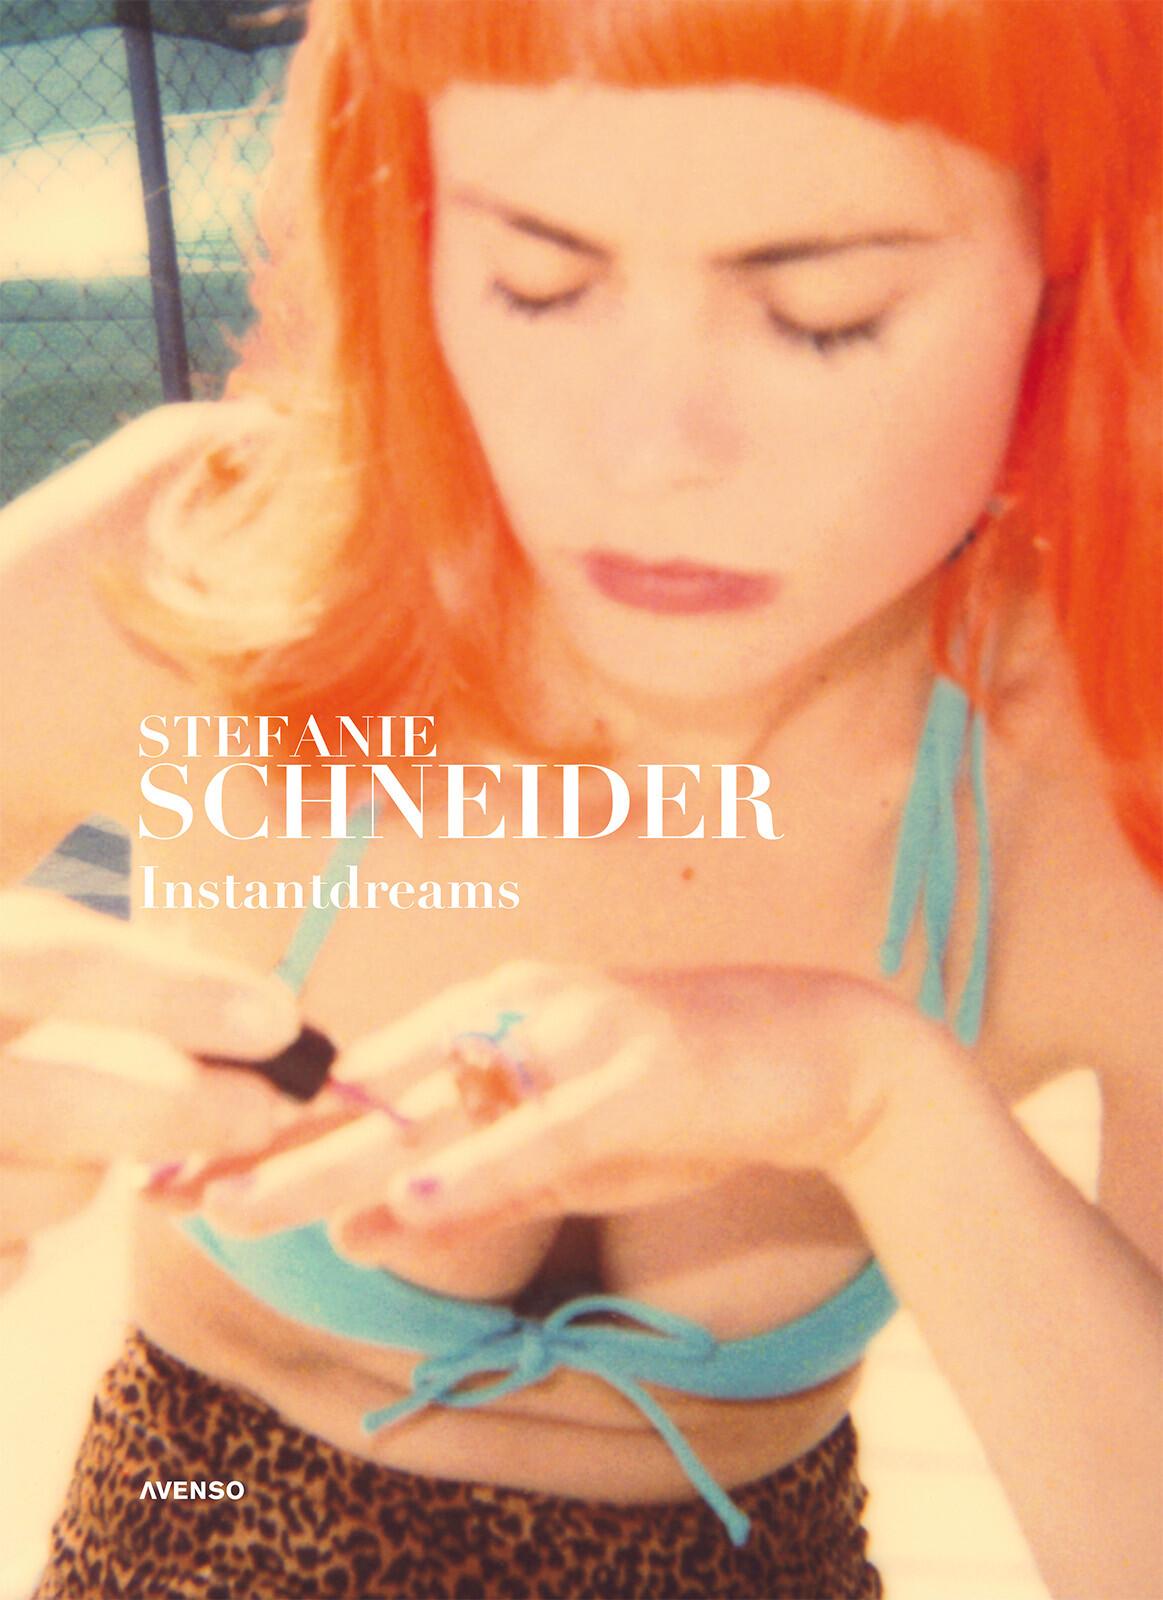 Stefanie Schneider - Instantdreams - Stefanie Schneider